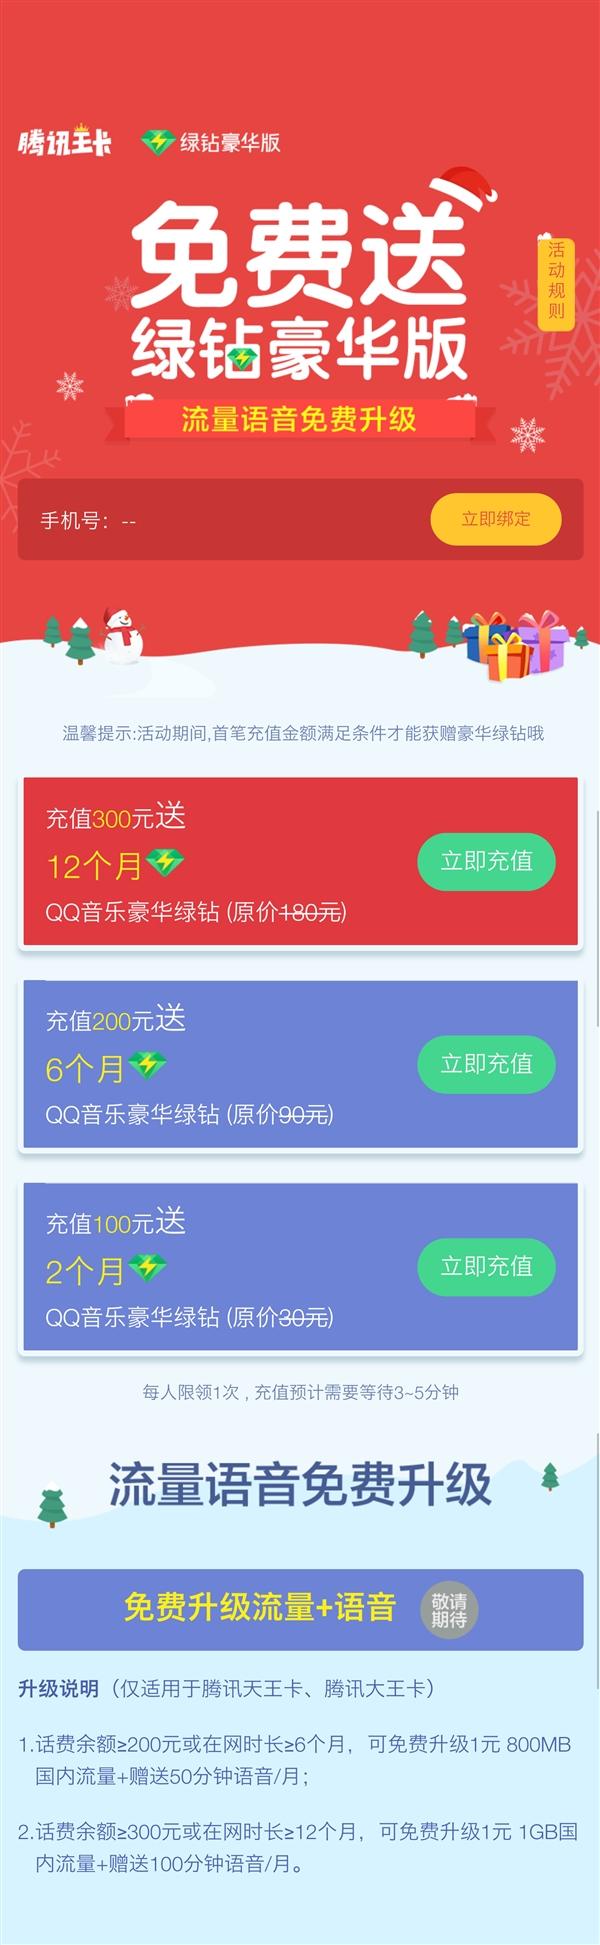 腾讯王卡福利:充值送绿钻 免费升级语音流量